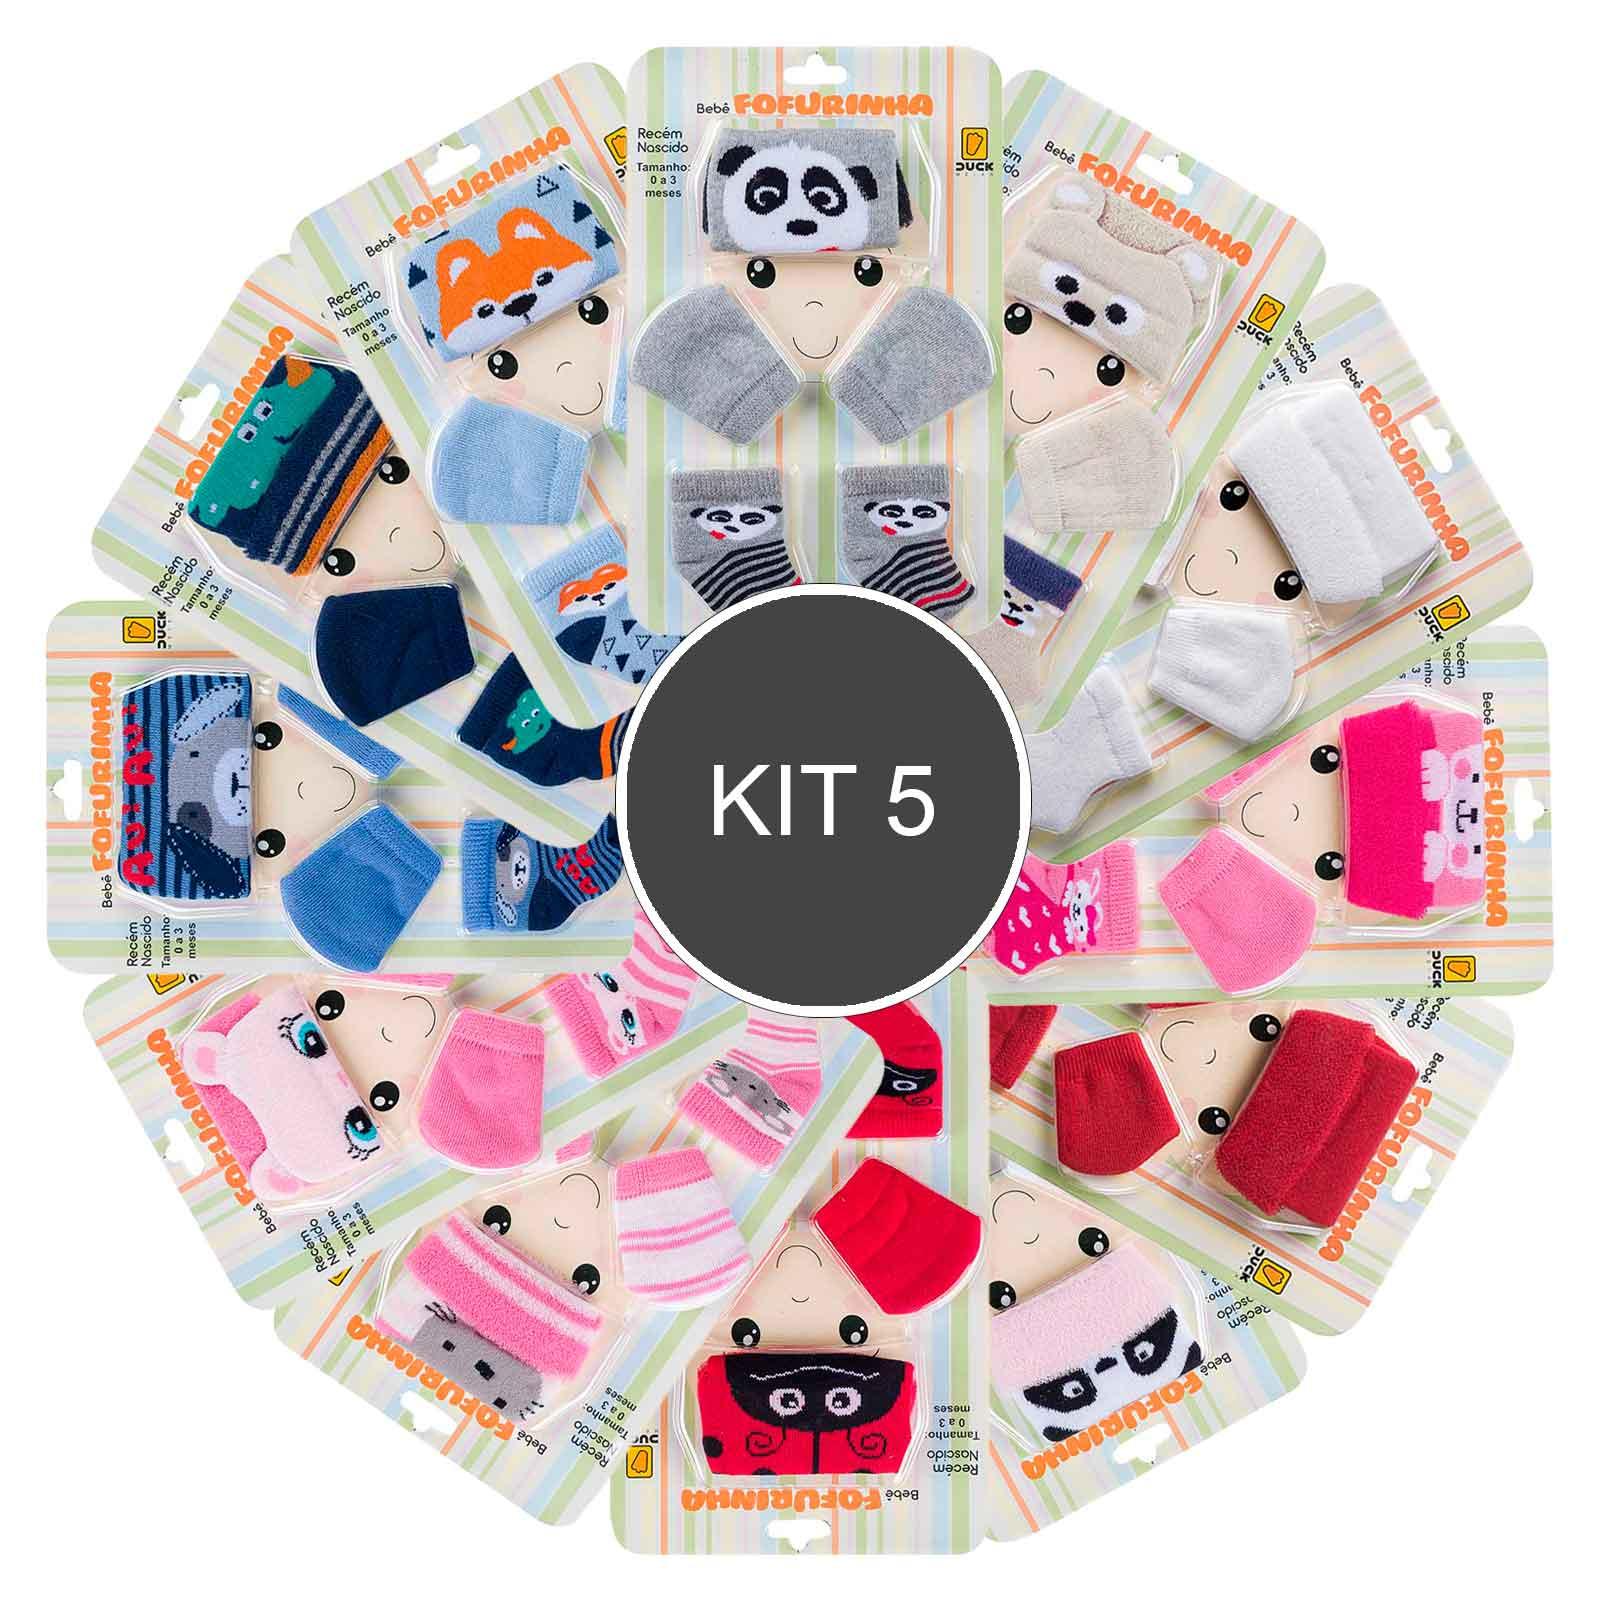 KIT 5 Conjuntos Bebê Fofurinha